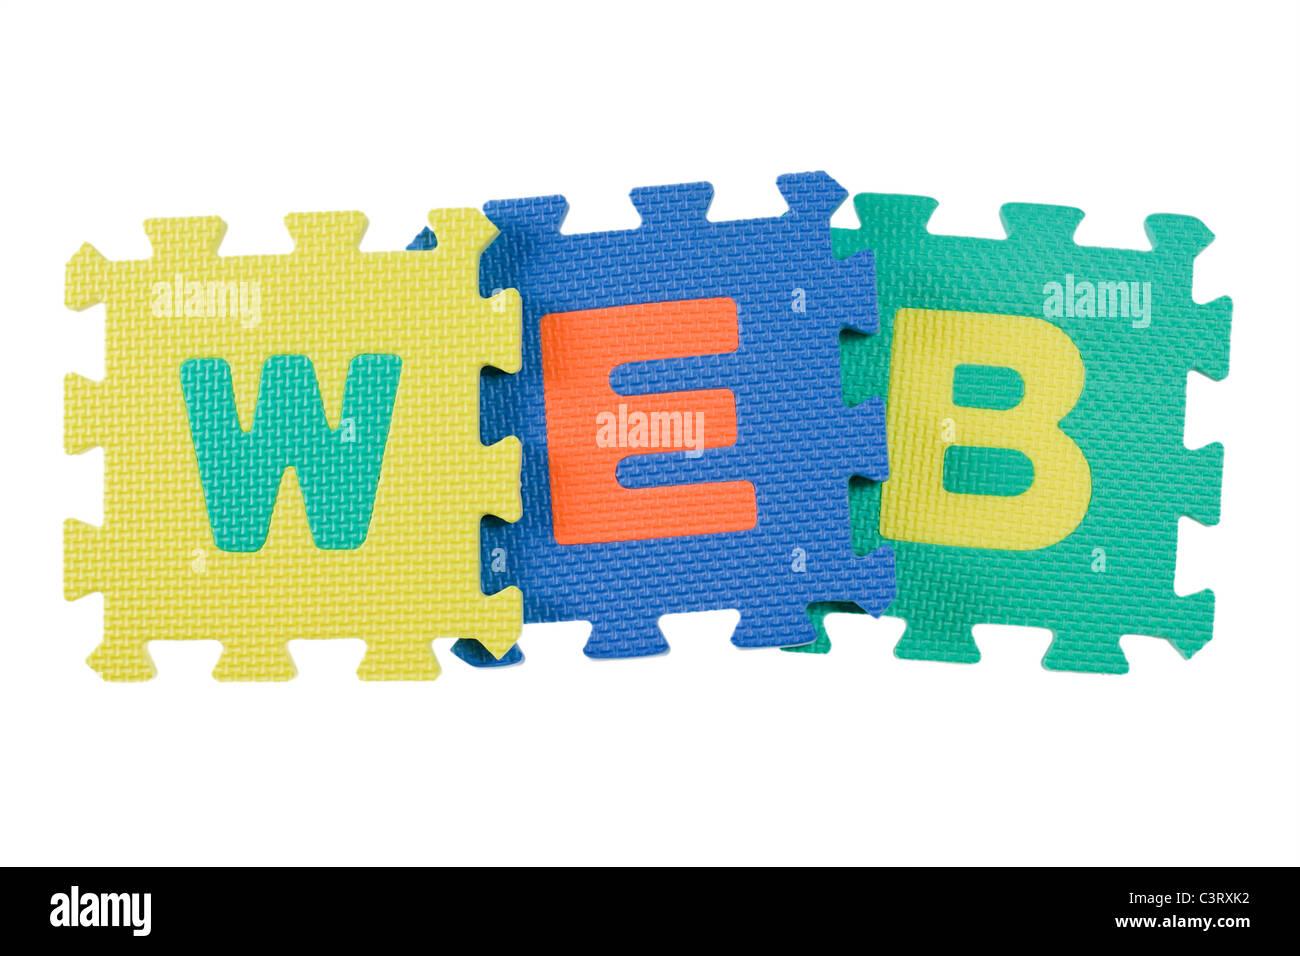 Alphabet-Blöcke bilden das Wort WEB auf weißen Hintergrund isoliert Stockbild